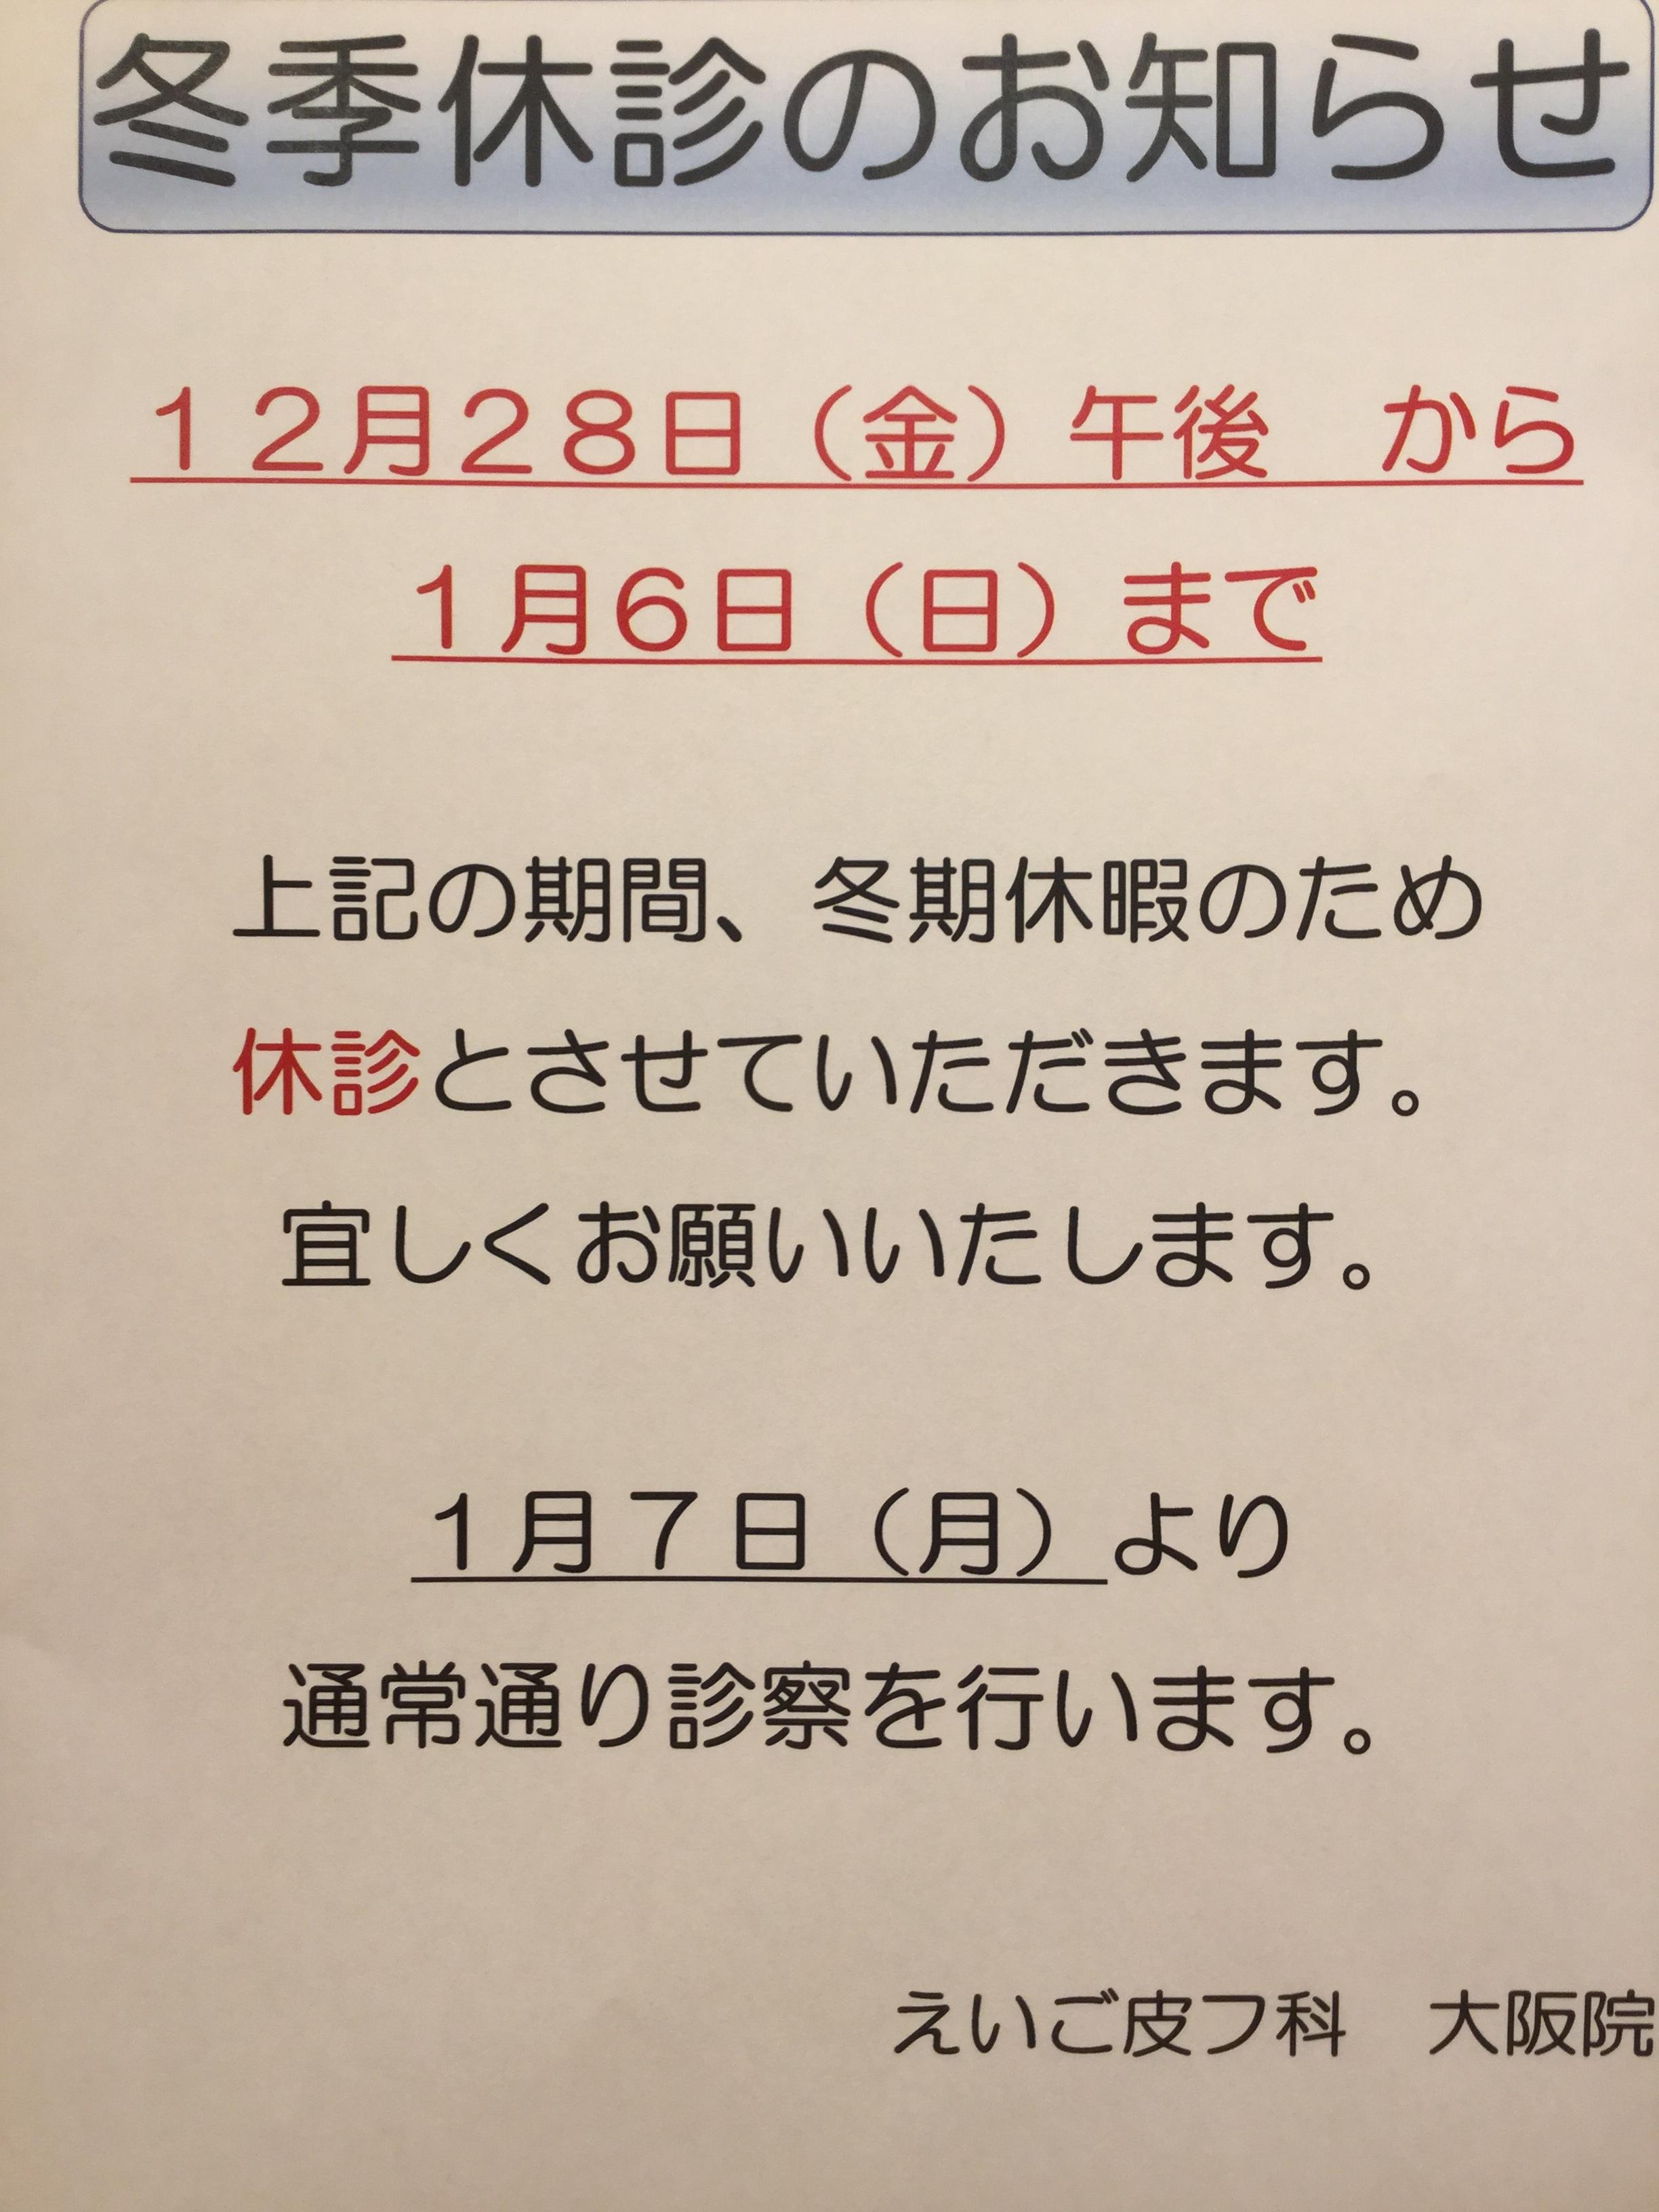 http://hifuka-eigo.com/osaka/blog/001.JPG